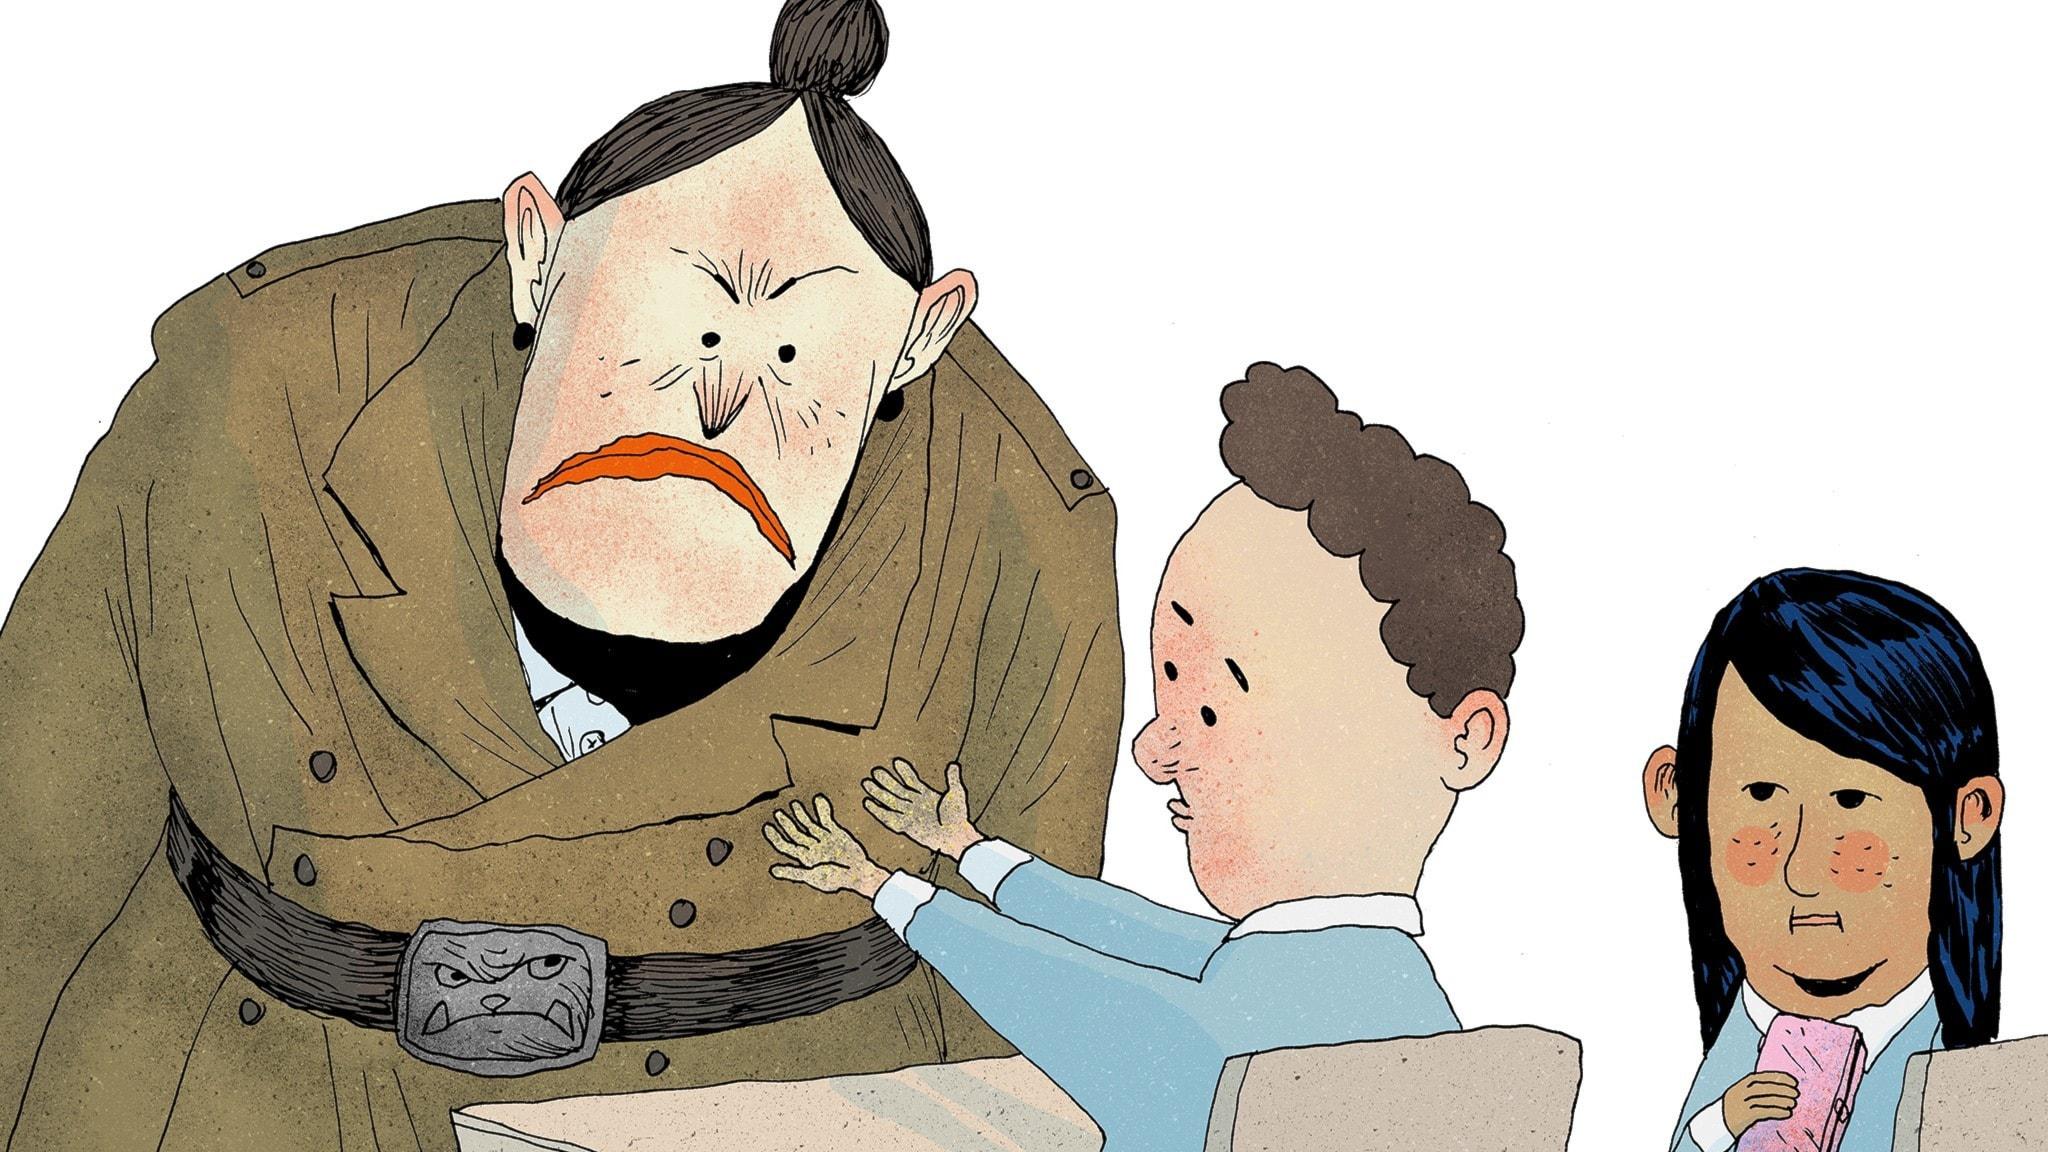 Fröken Domderasson inspekterar händerna på en pojke i Matildas klass och kollar om de är rena. Det är de inte. Bild: Erik Svetoft